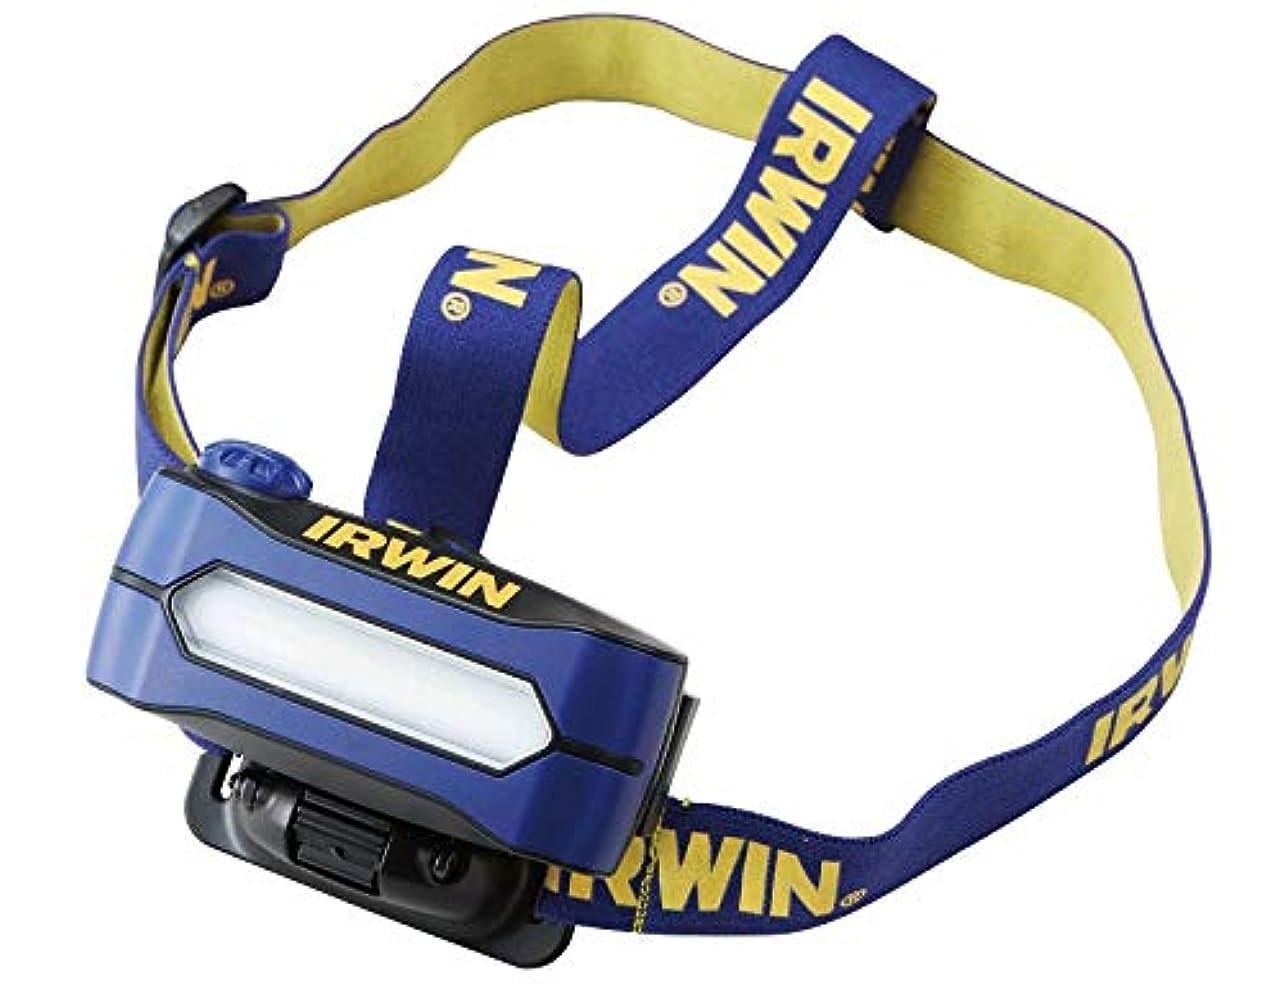 宣伝マットレス推進、動かすアーウィン(Irwin) 5W COBLED ヘッドライト 400LUMENS 2011888